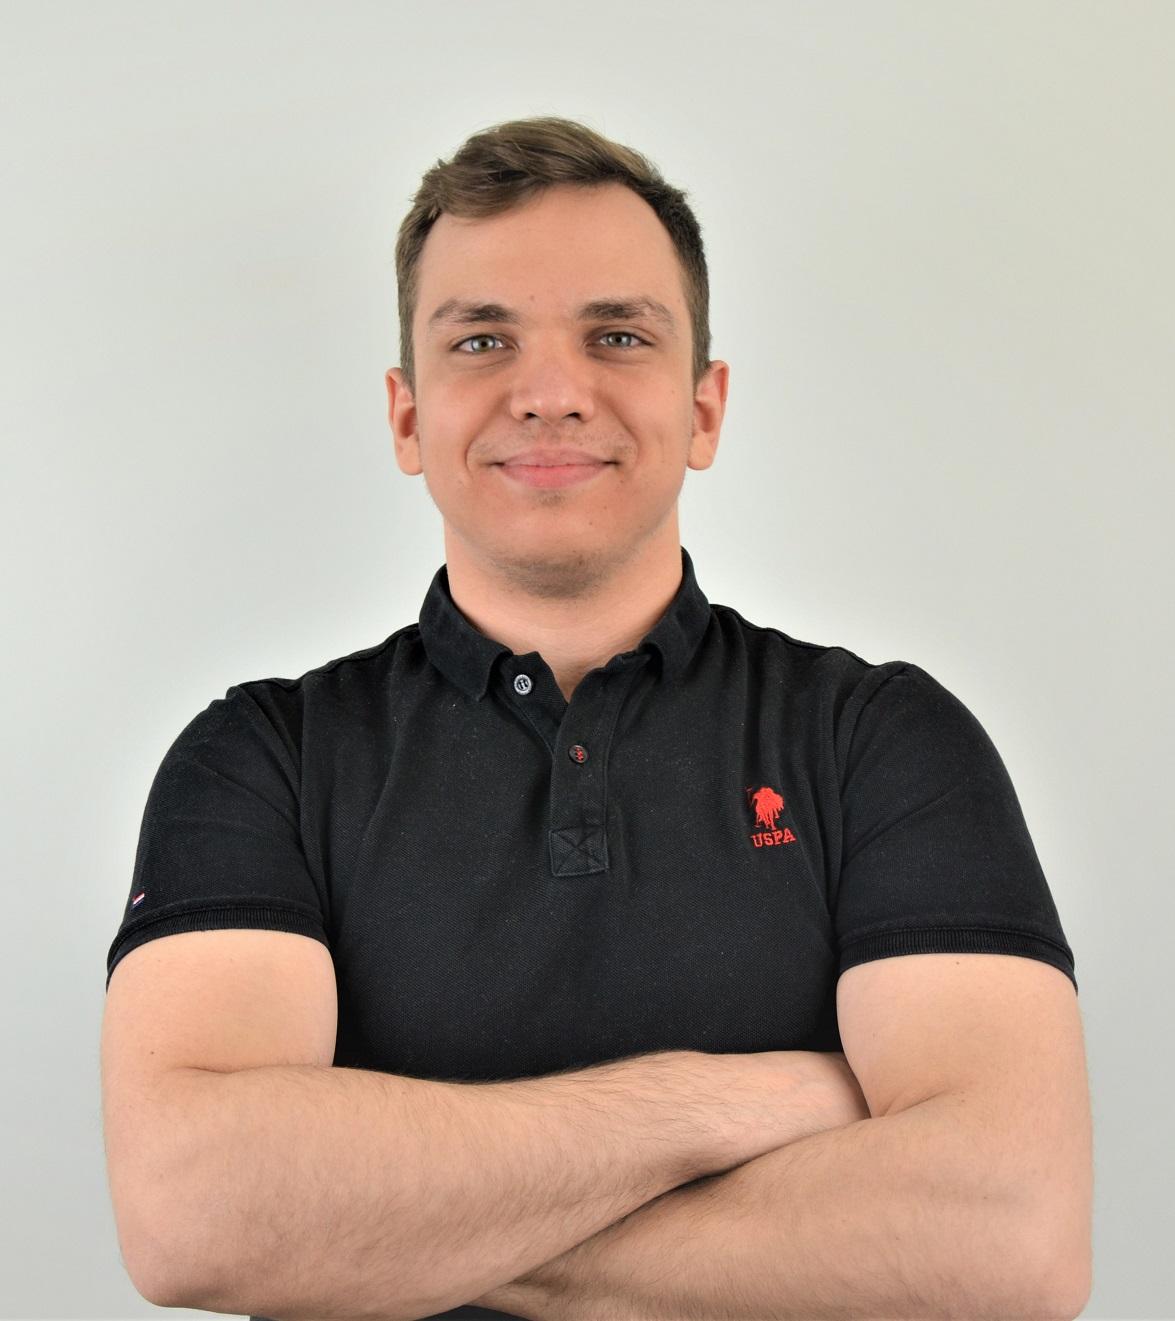 Ортопед, Хирург клиники Церекон Соколов Виктор Павлович